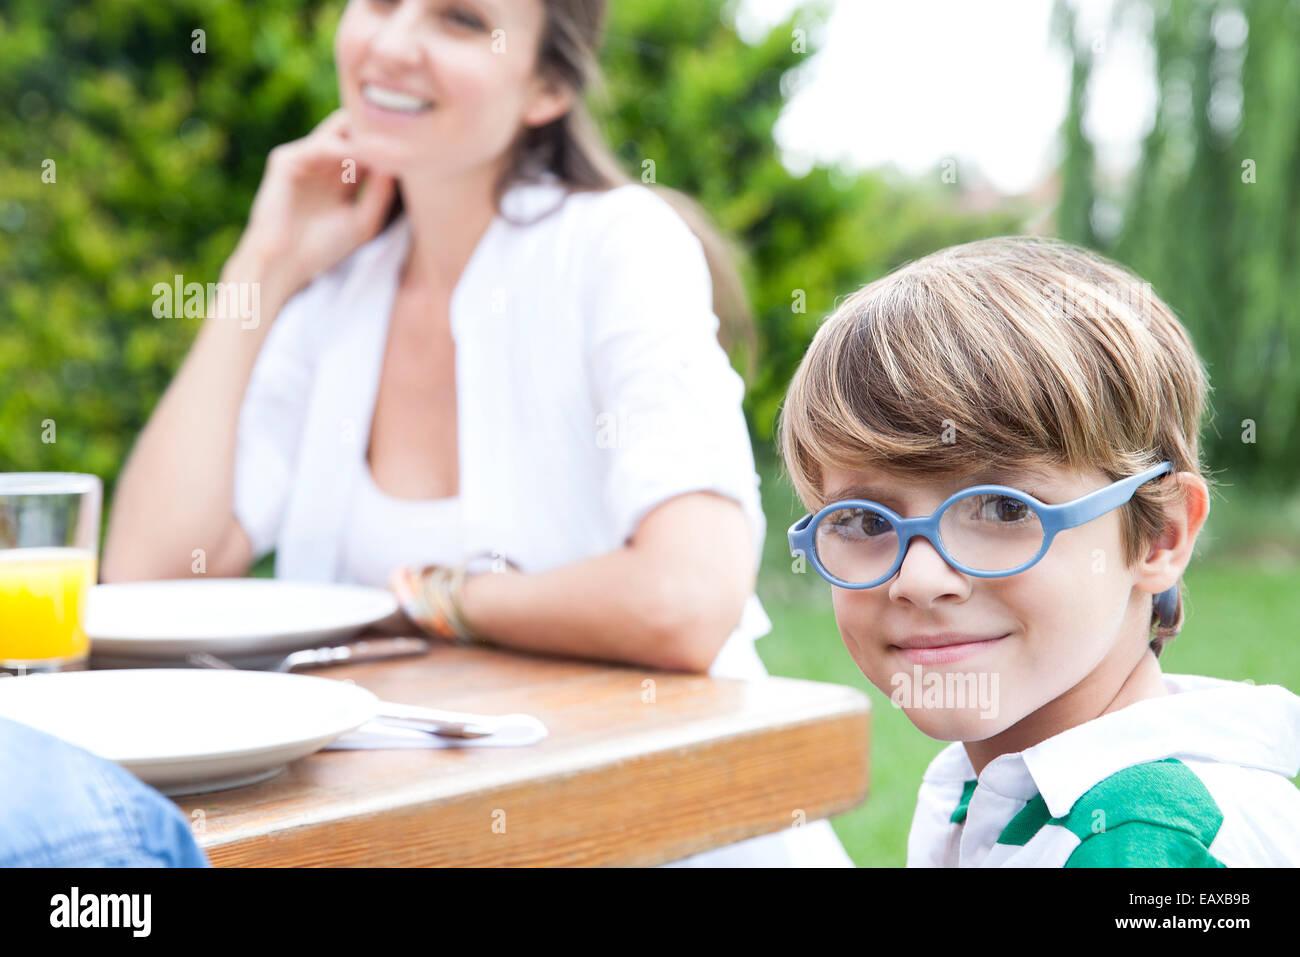 Kleiner Junge sitzt am Tisch im Freien mit Familie, lächelnd in die Kamera Stockbild